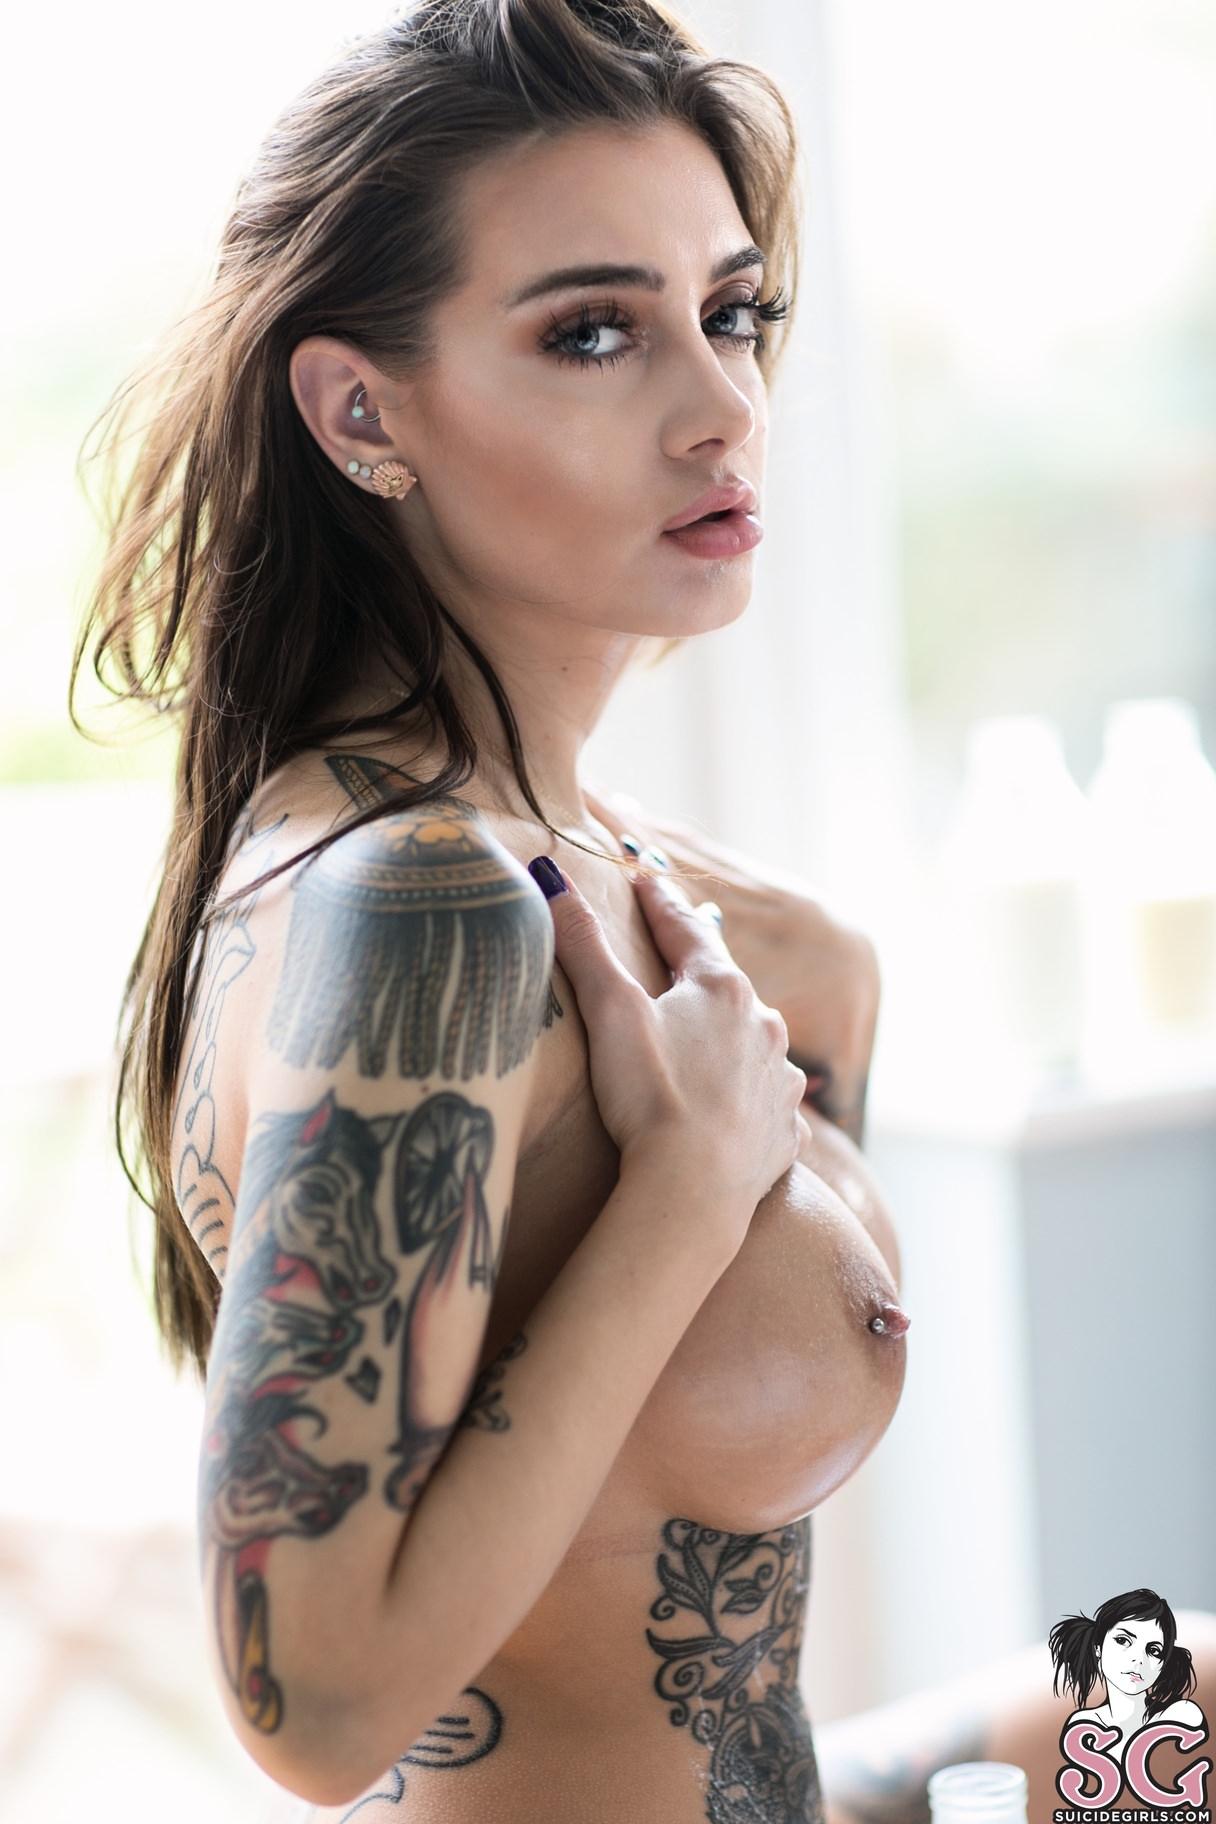 Fotos de mulheres tatuadas nuas